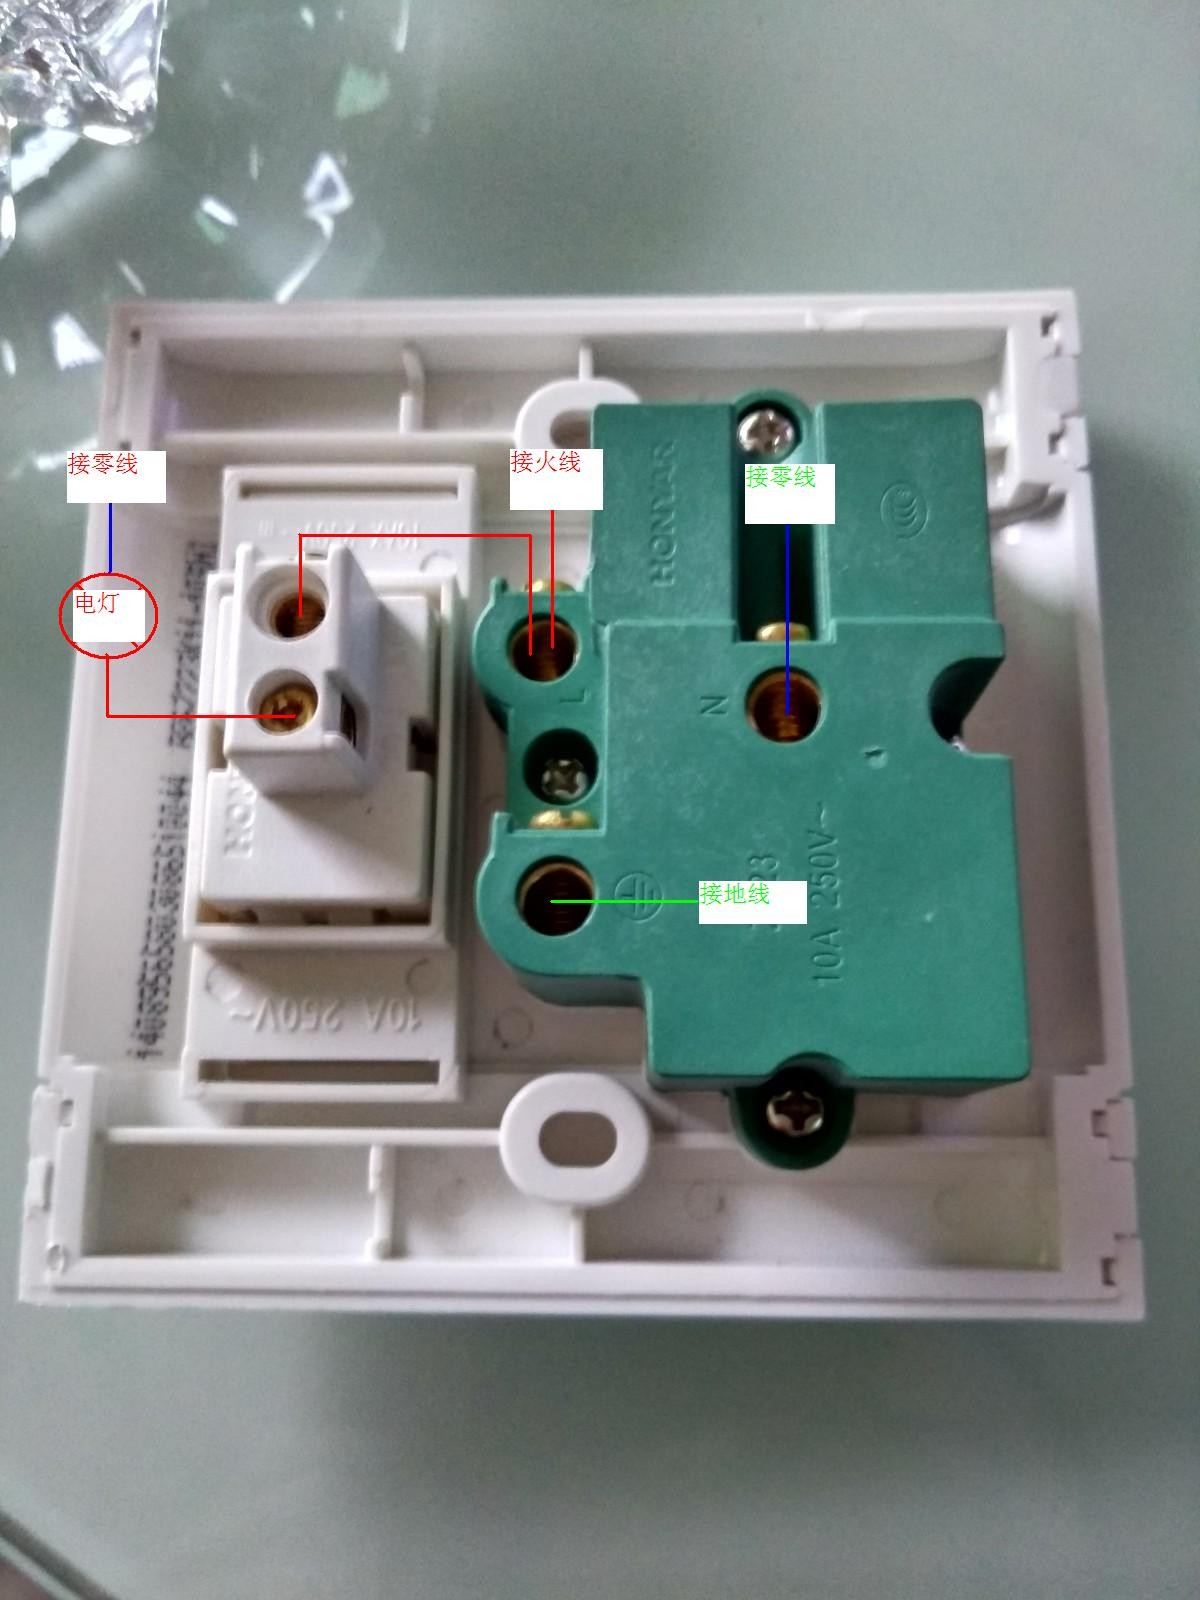 如图 怎么接线,开关只控制电灯不影响插座,详细点哟